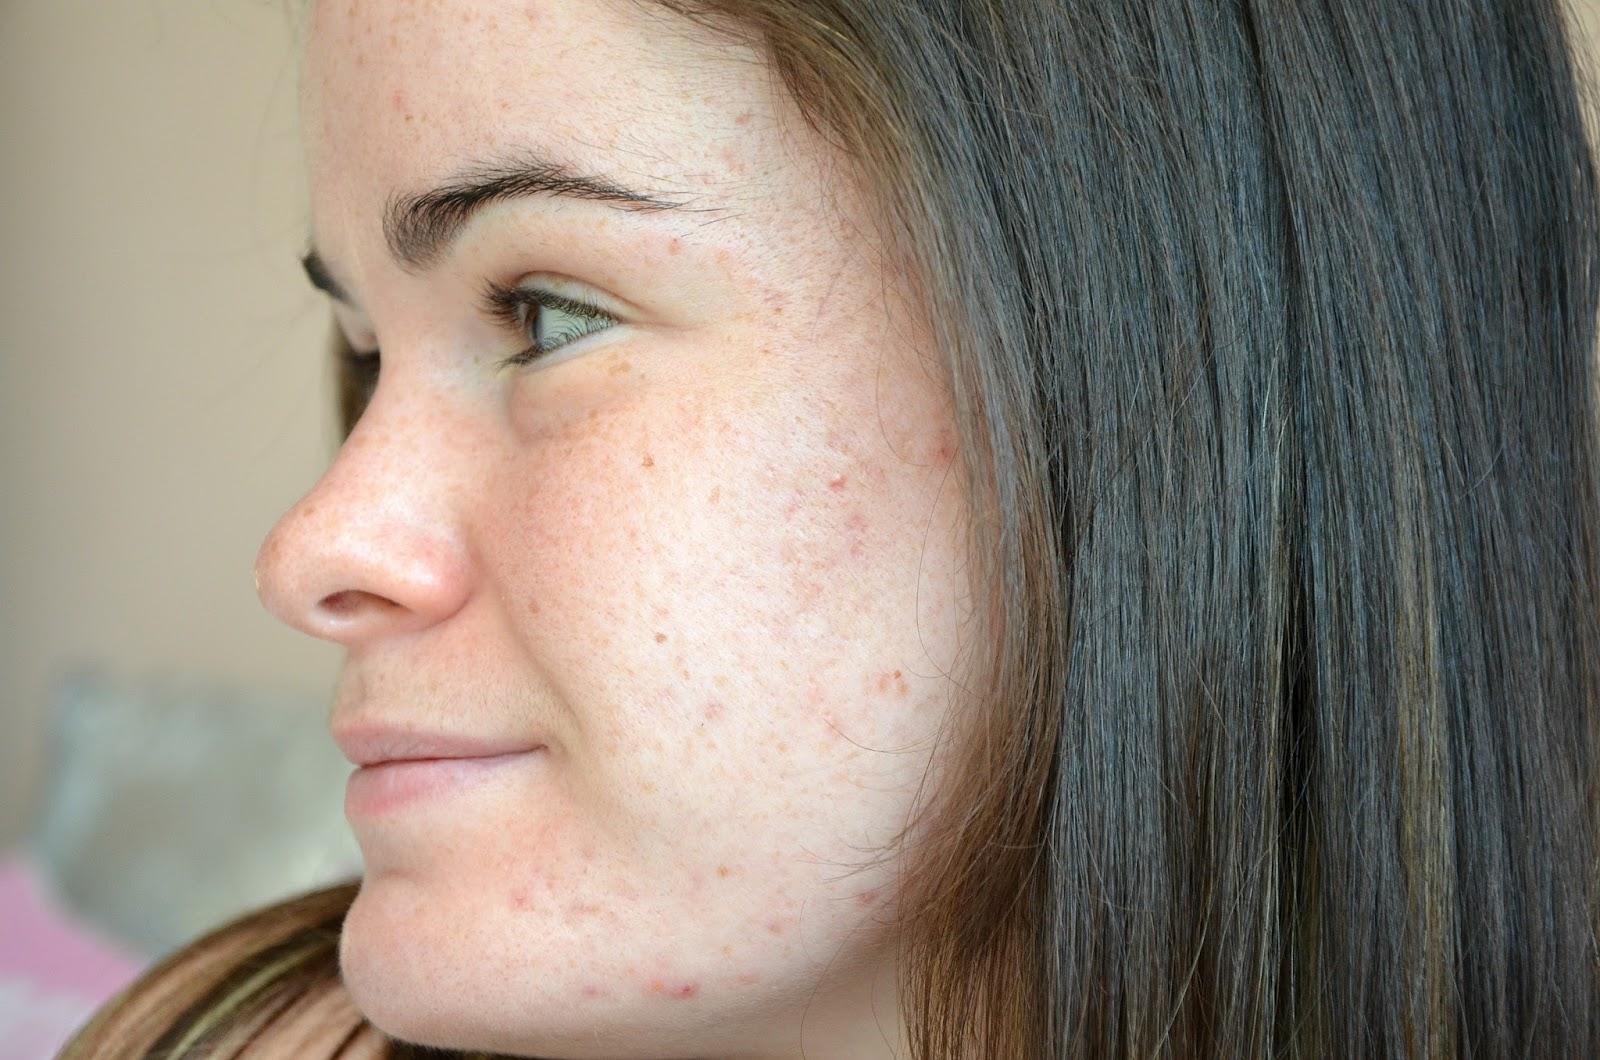 bilan du cinquième mois de traitement contre l'acné joue gauche